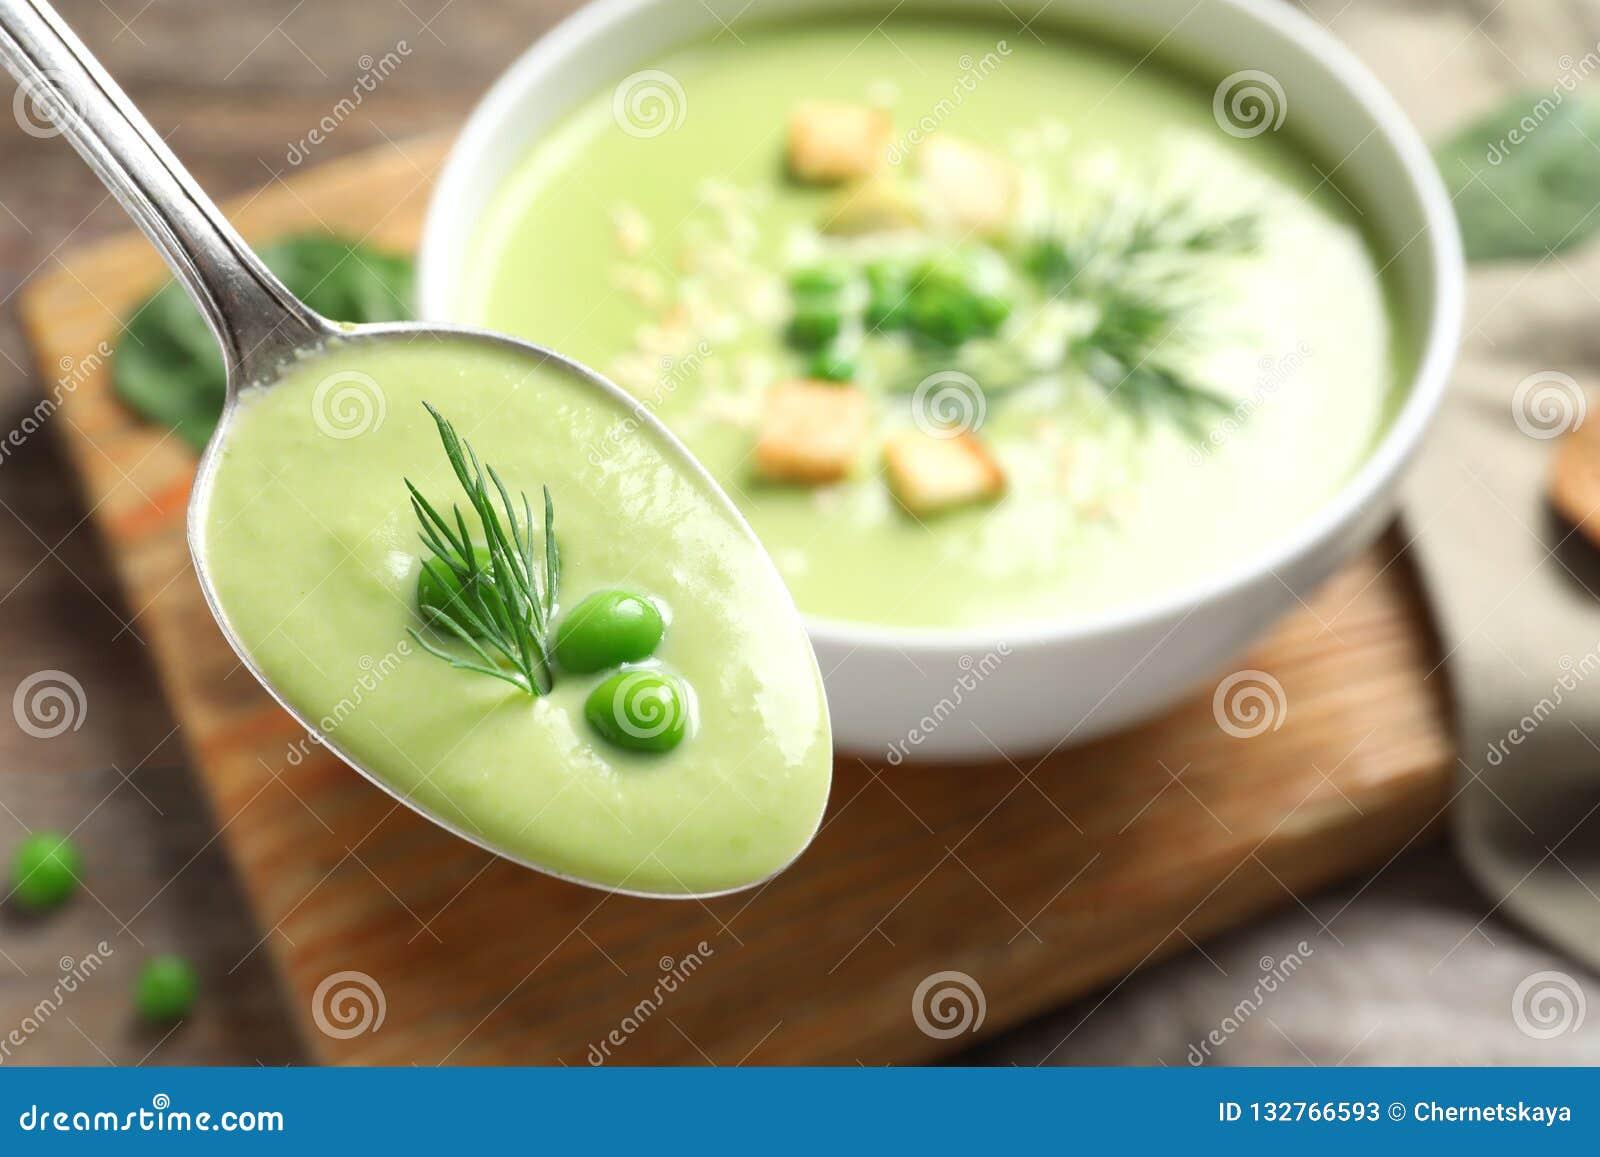 Cucchiaio con la minestra della disintossicazione di verdura fresca fatta dei piselli su fondo vago